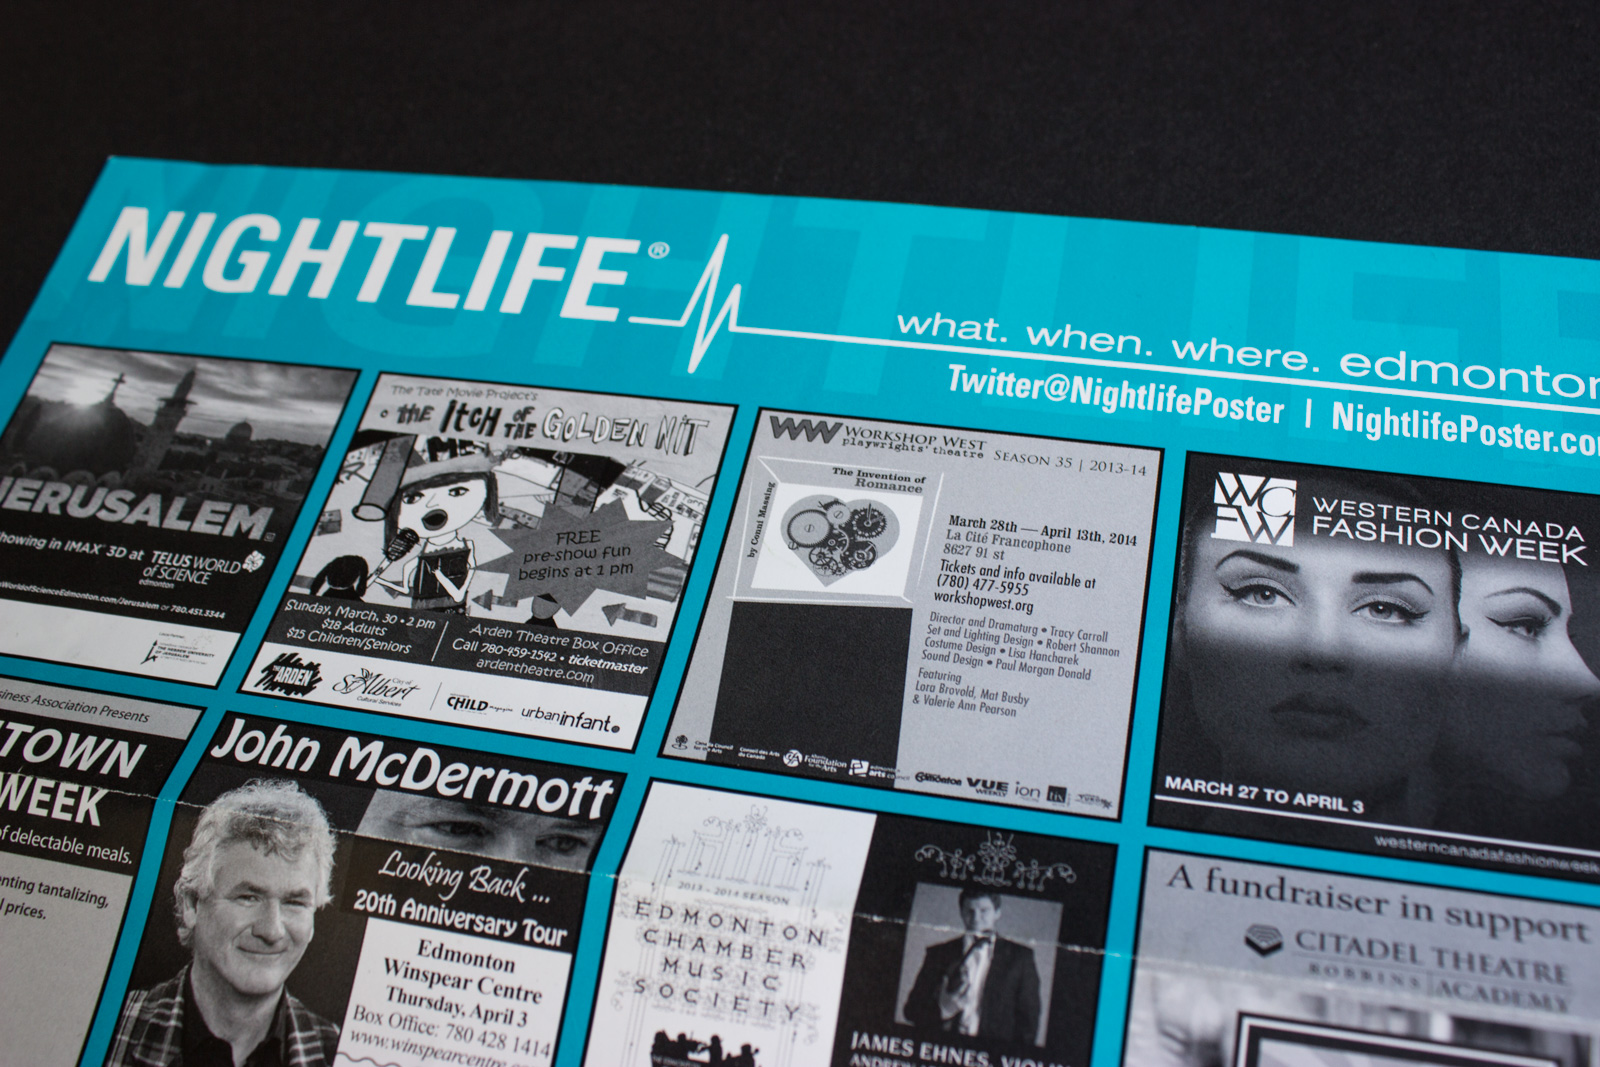 Nightlife Calendar ad